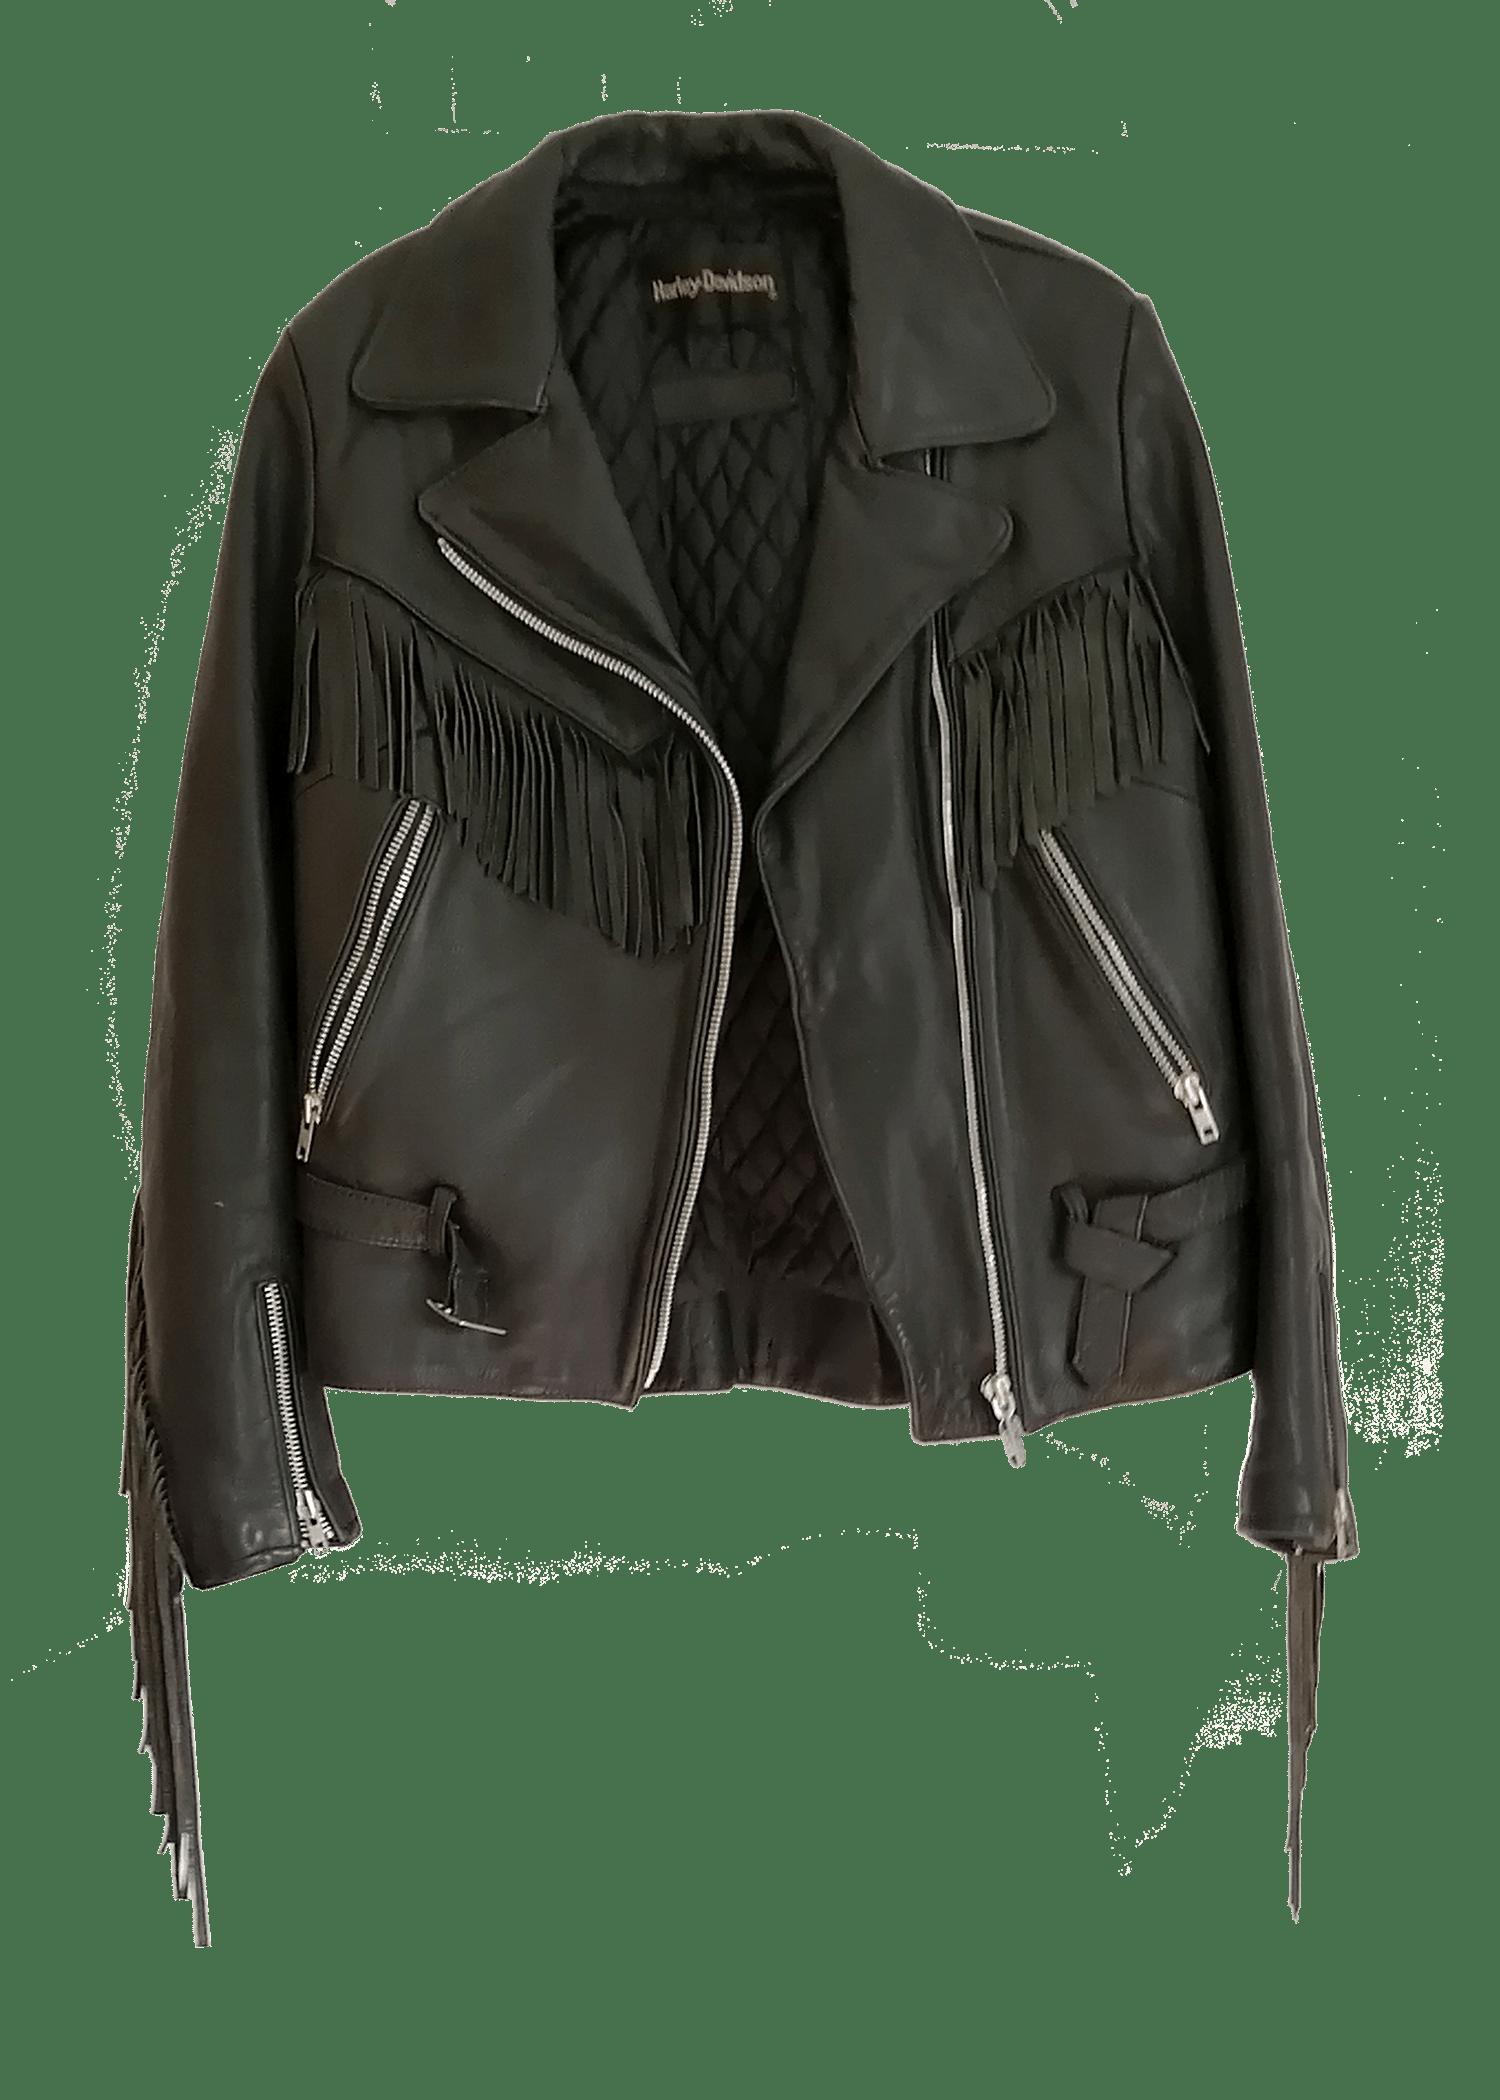 Harley Davidson Leather Fringe Jacket